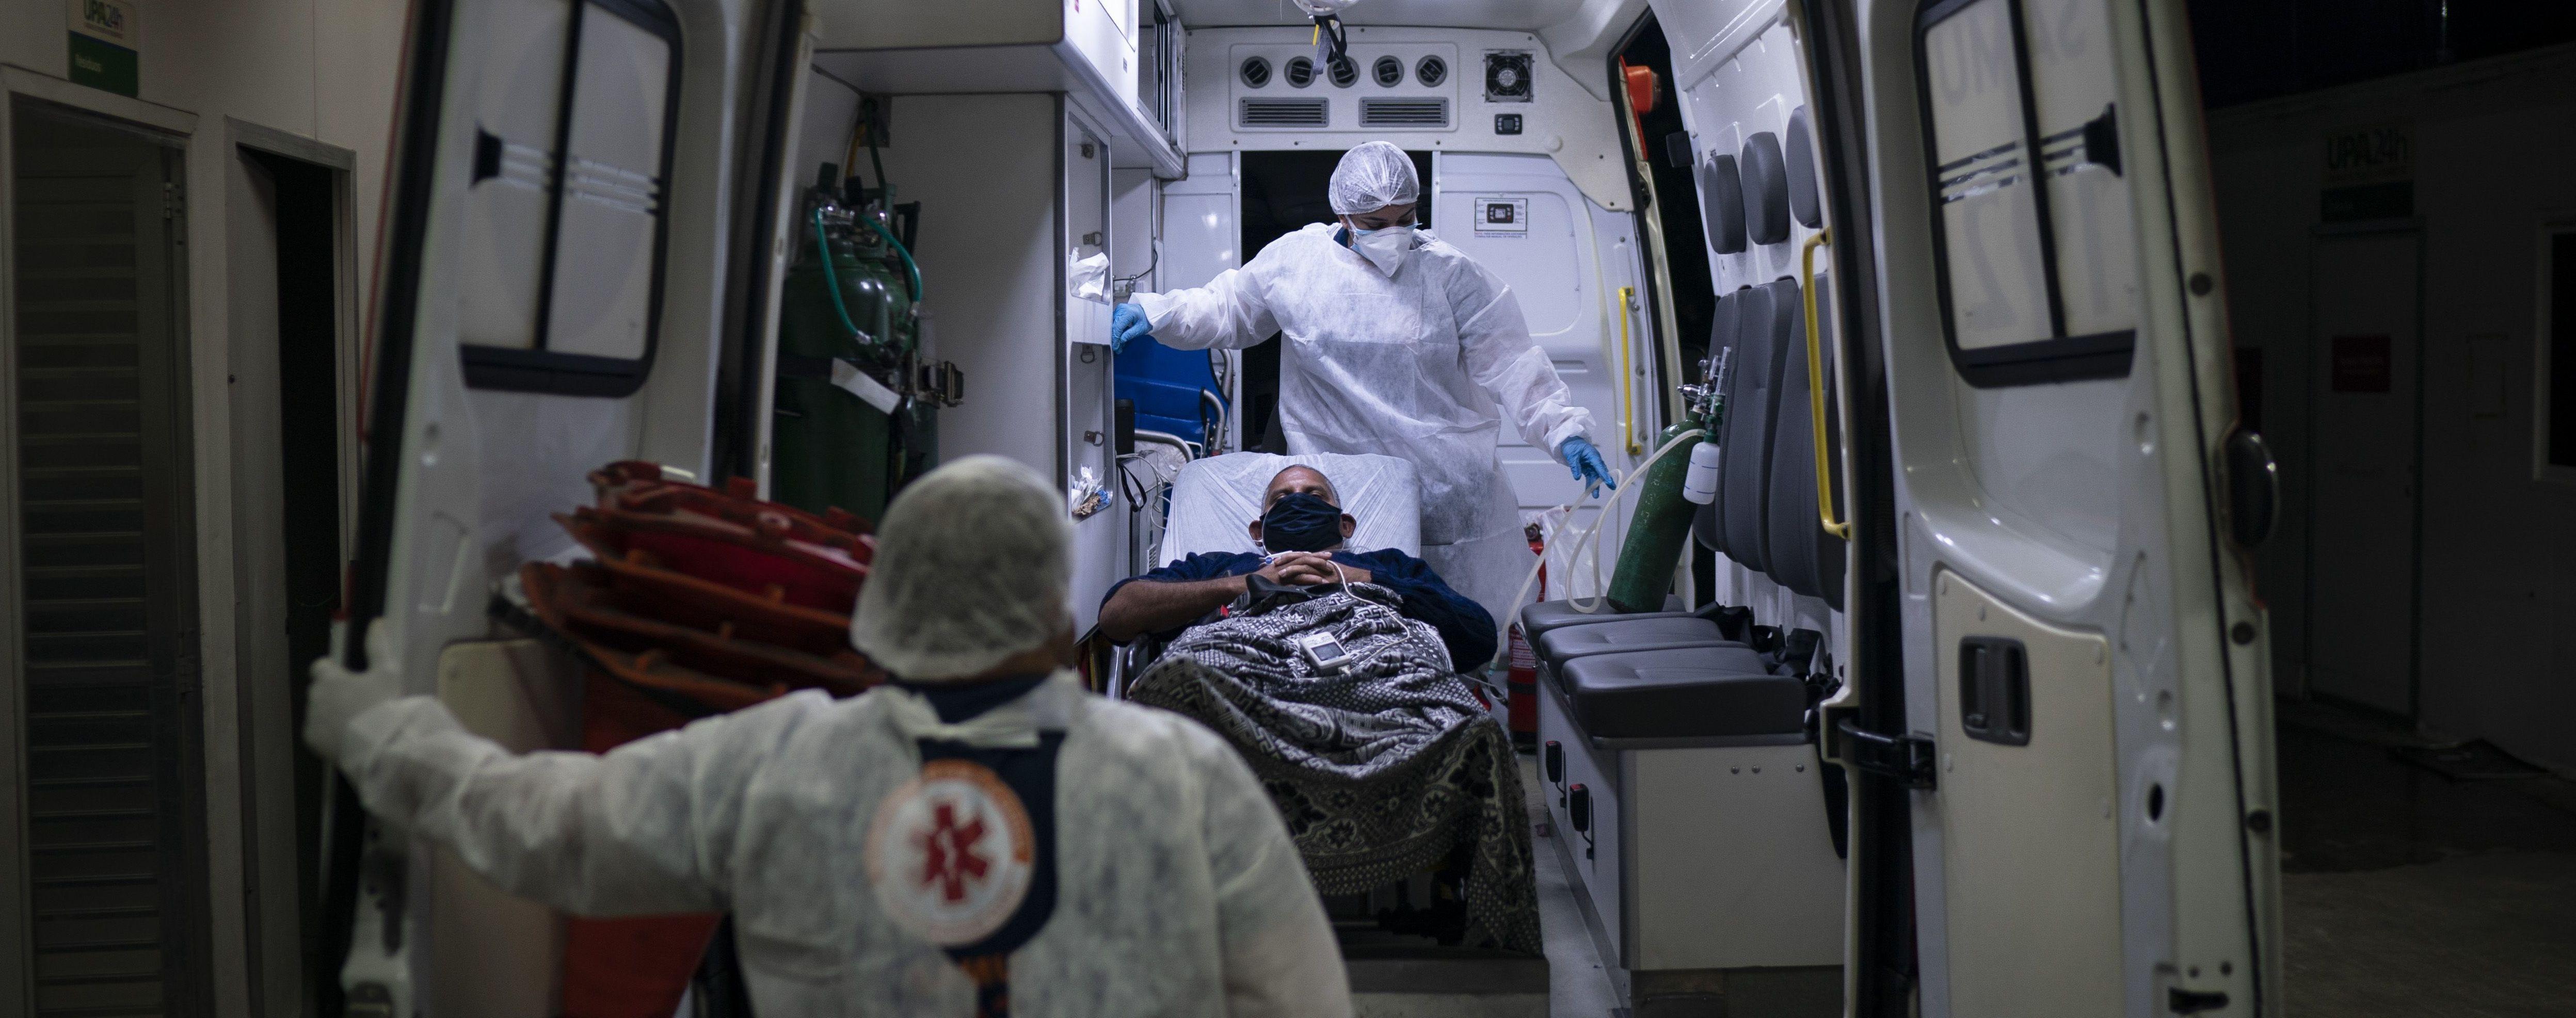 """""""Этого не было еще недели три назад"""": Голубовская рассказала о коварстве новых штаммов коронавируса"""